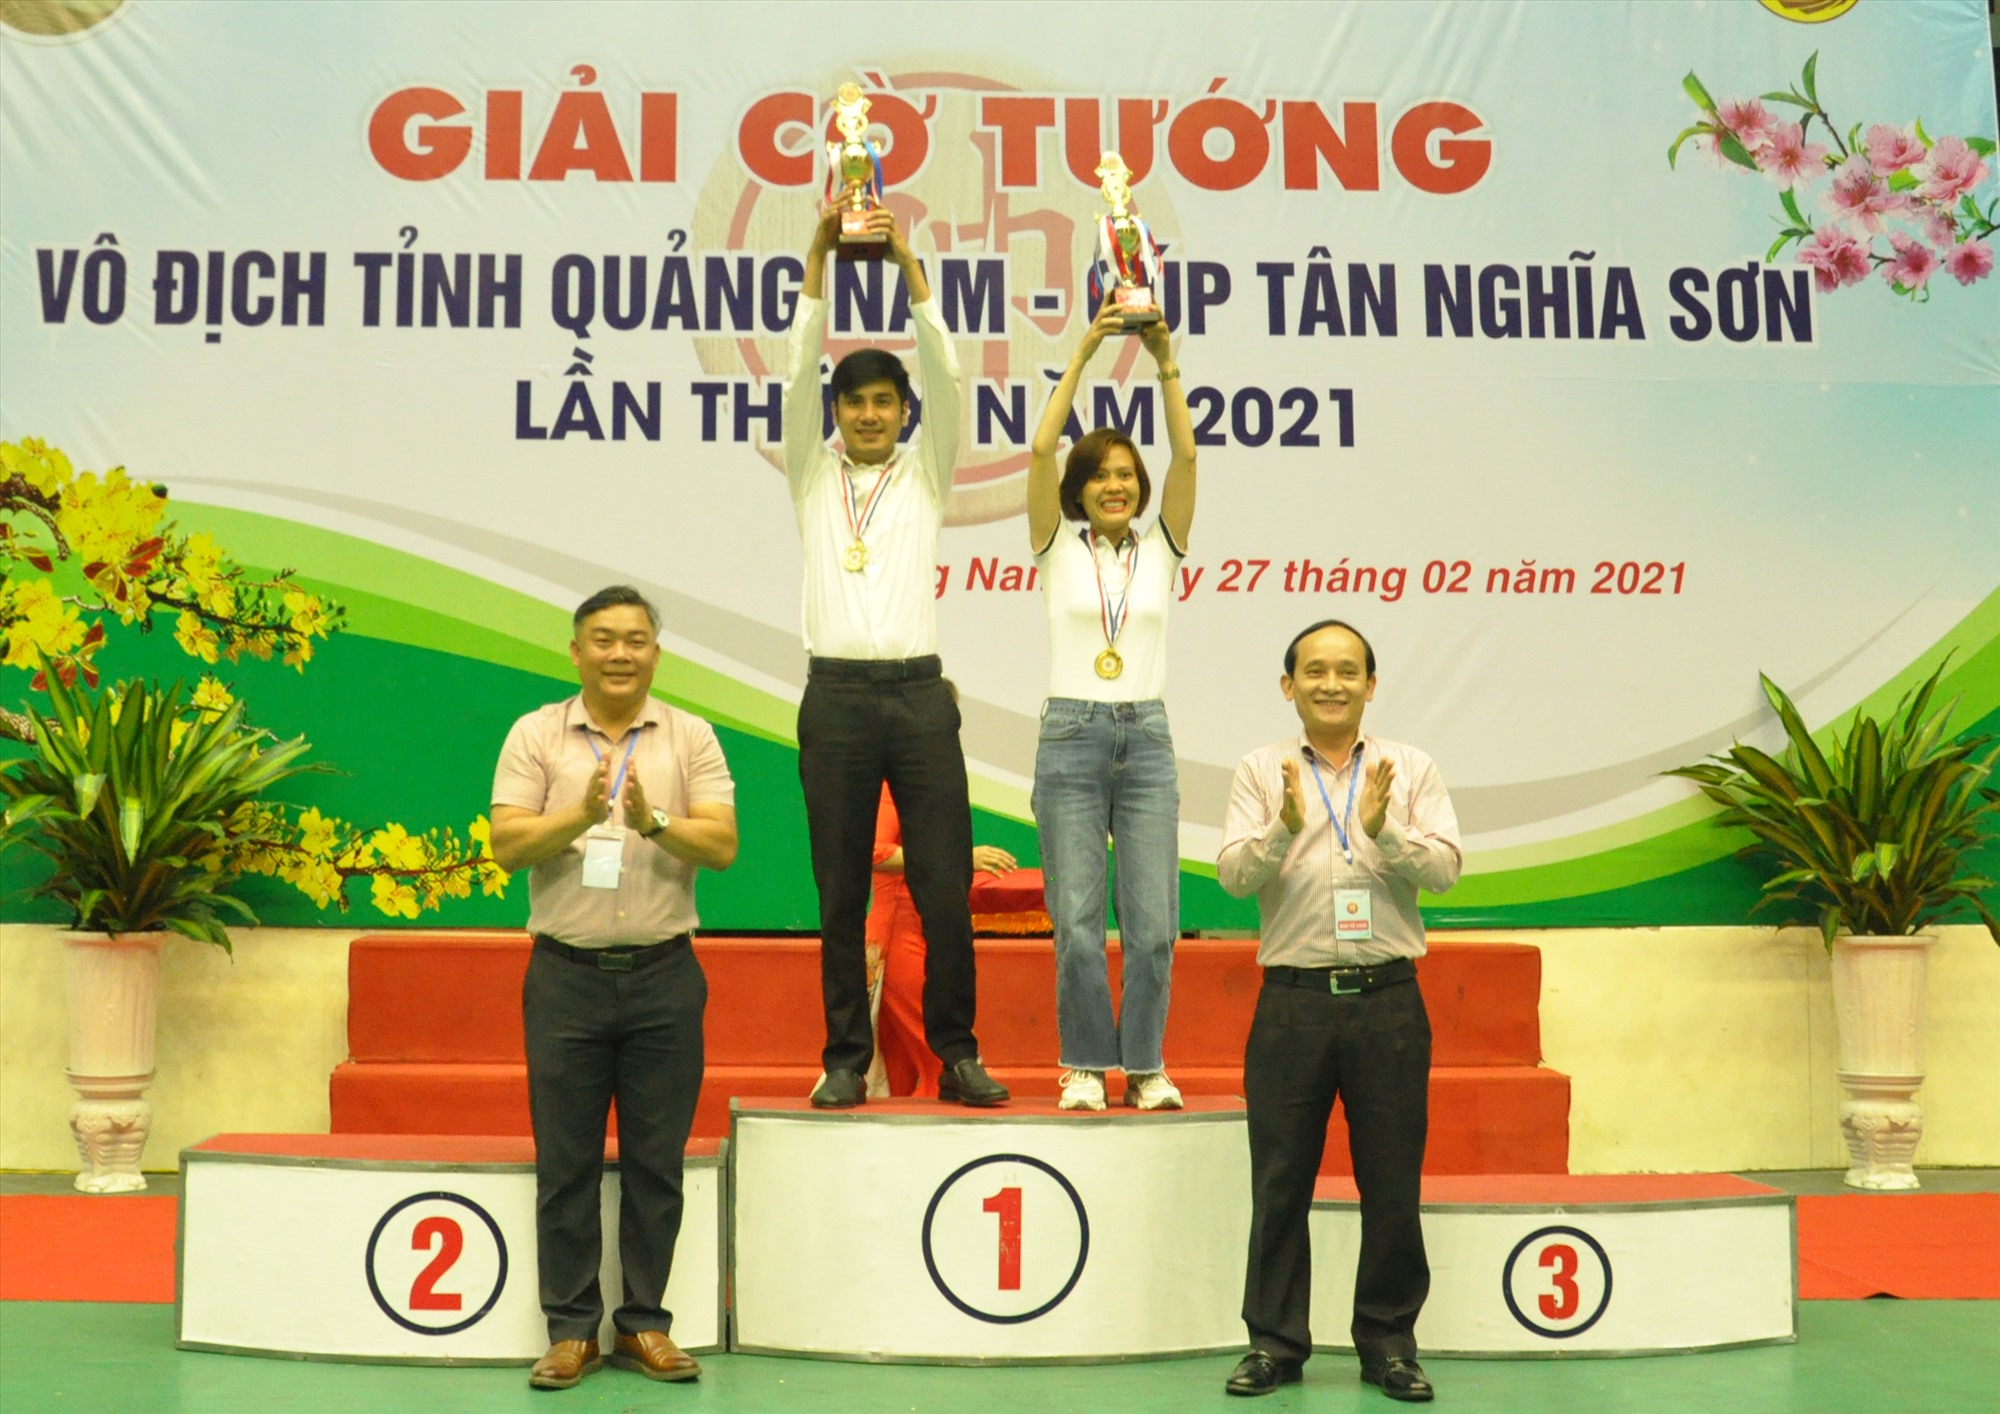 Trao cúp vô địch giải cờ tướng tỉnh cho Trần Hữu Thạnh và Đinh Thị Kim Hằng. Ảnh: T.V